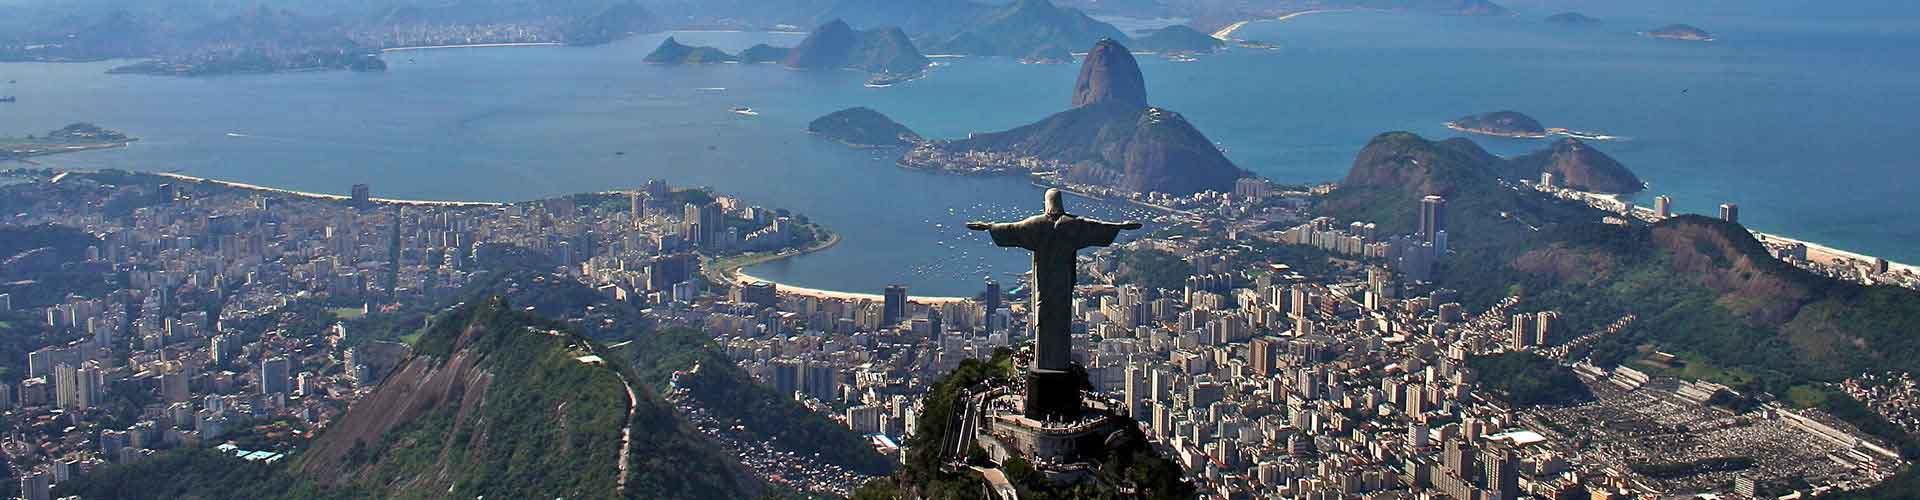 Rio de Janeiro - Hotele w pobliżu Lotnisko Santos Dumont. Mapy dla Rio de Janeiro, Zdjęcia i Recenzje dla każdego Hotelu w Rio de Janeiro.